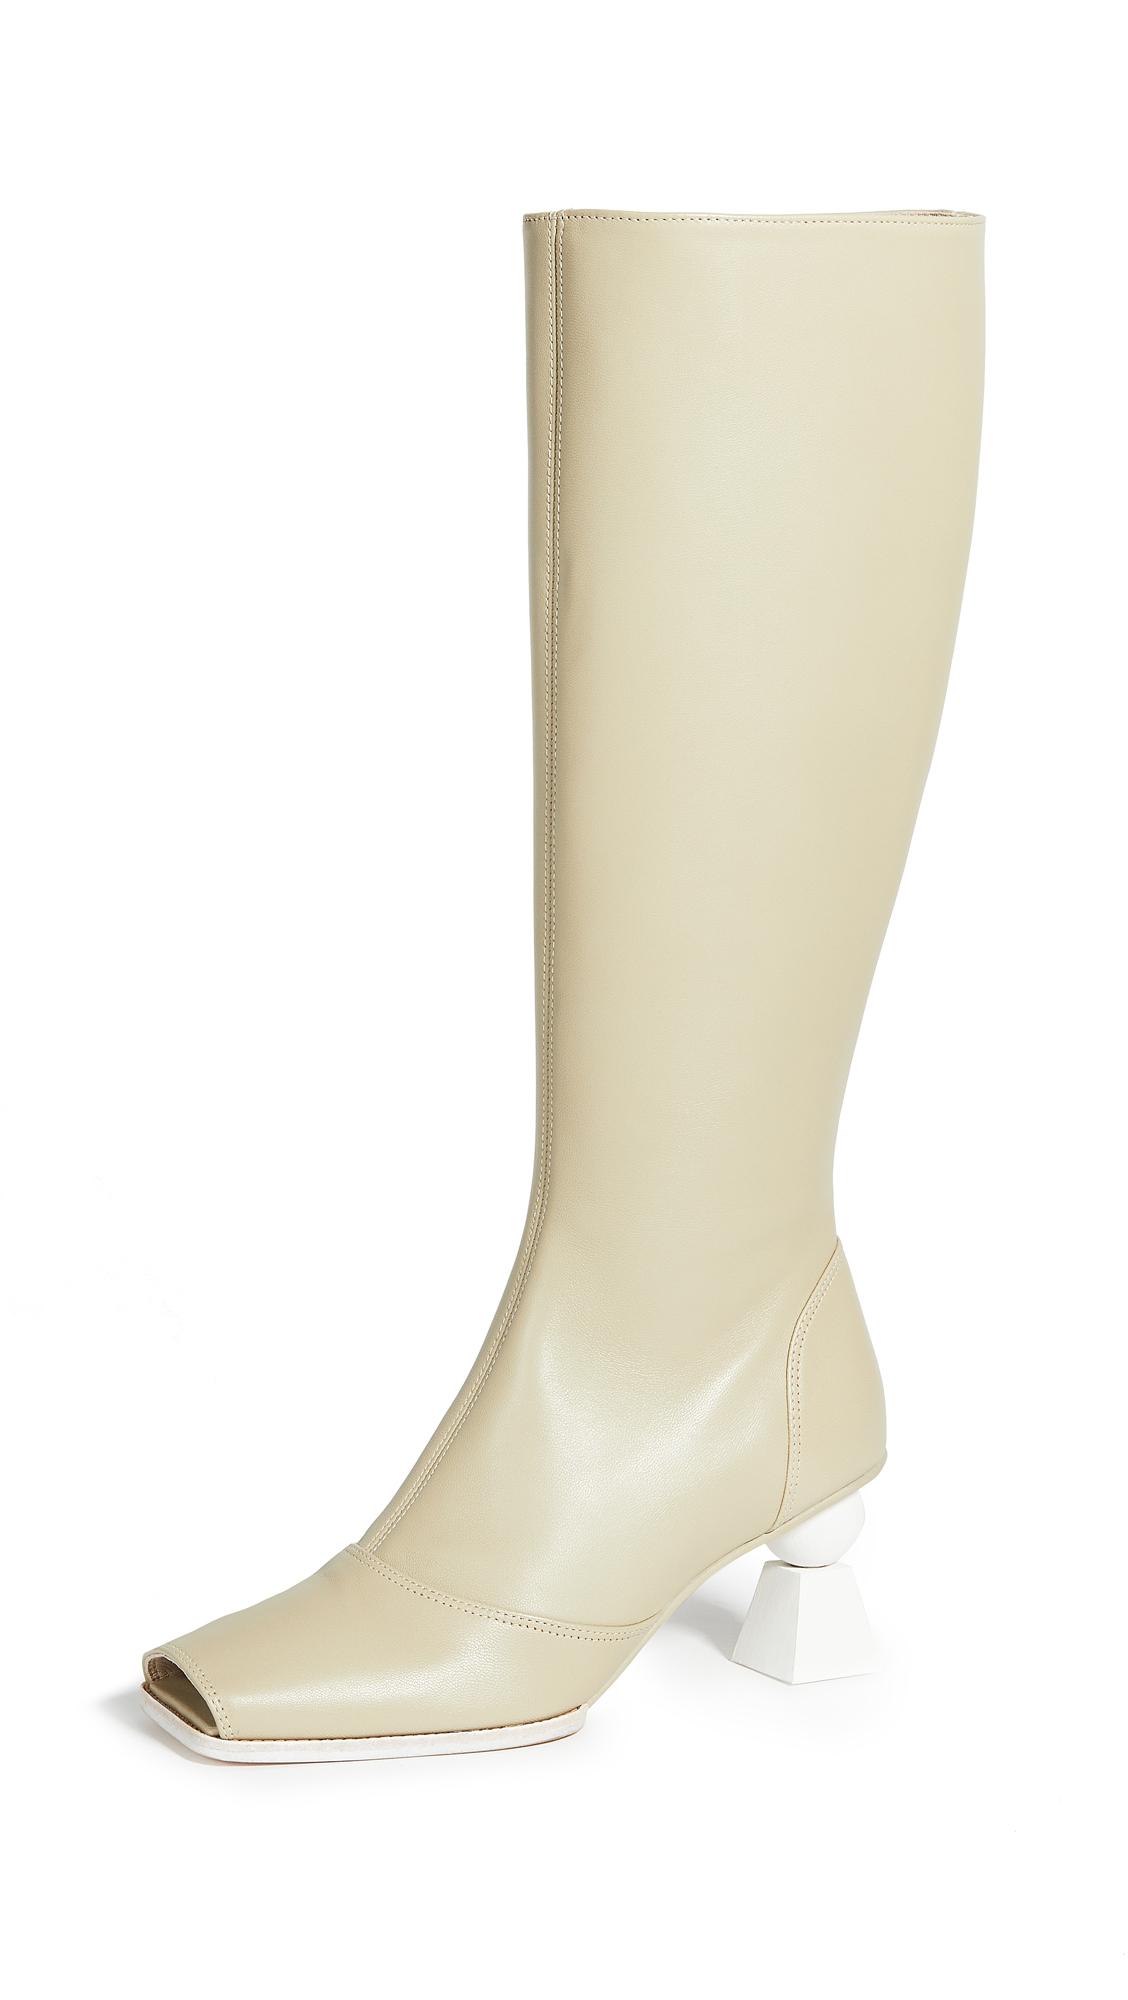 Jacquemus Les Bottes Cavaou Boots